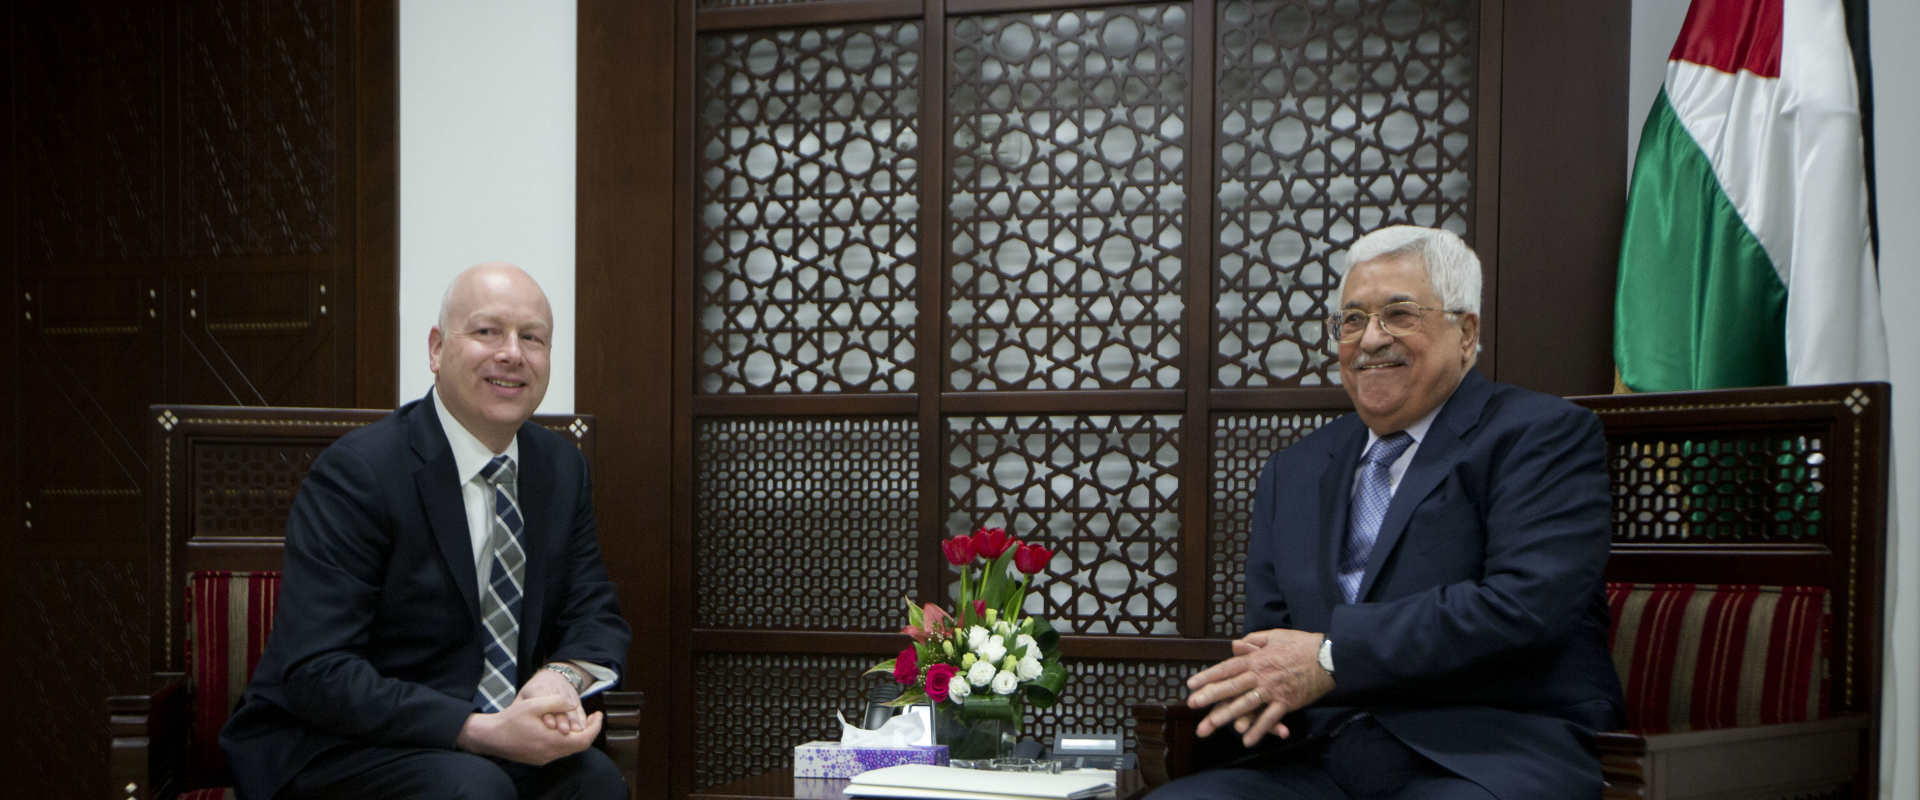 אבו מאזן וגרינבלט בפגישה ברמאללה, מרץ 2017